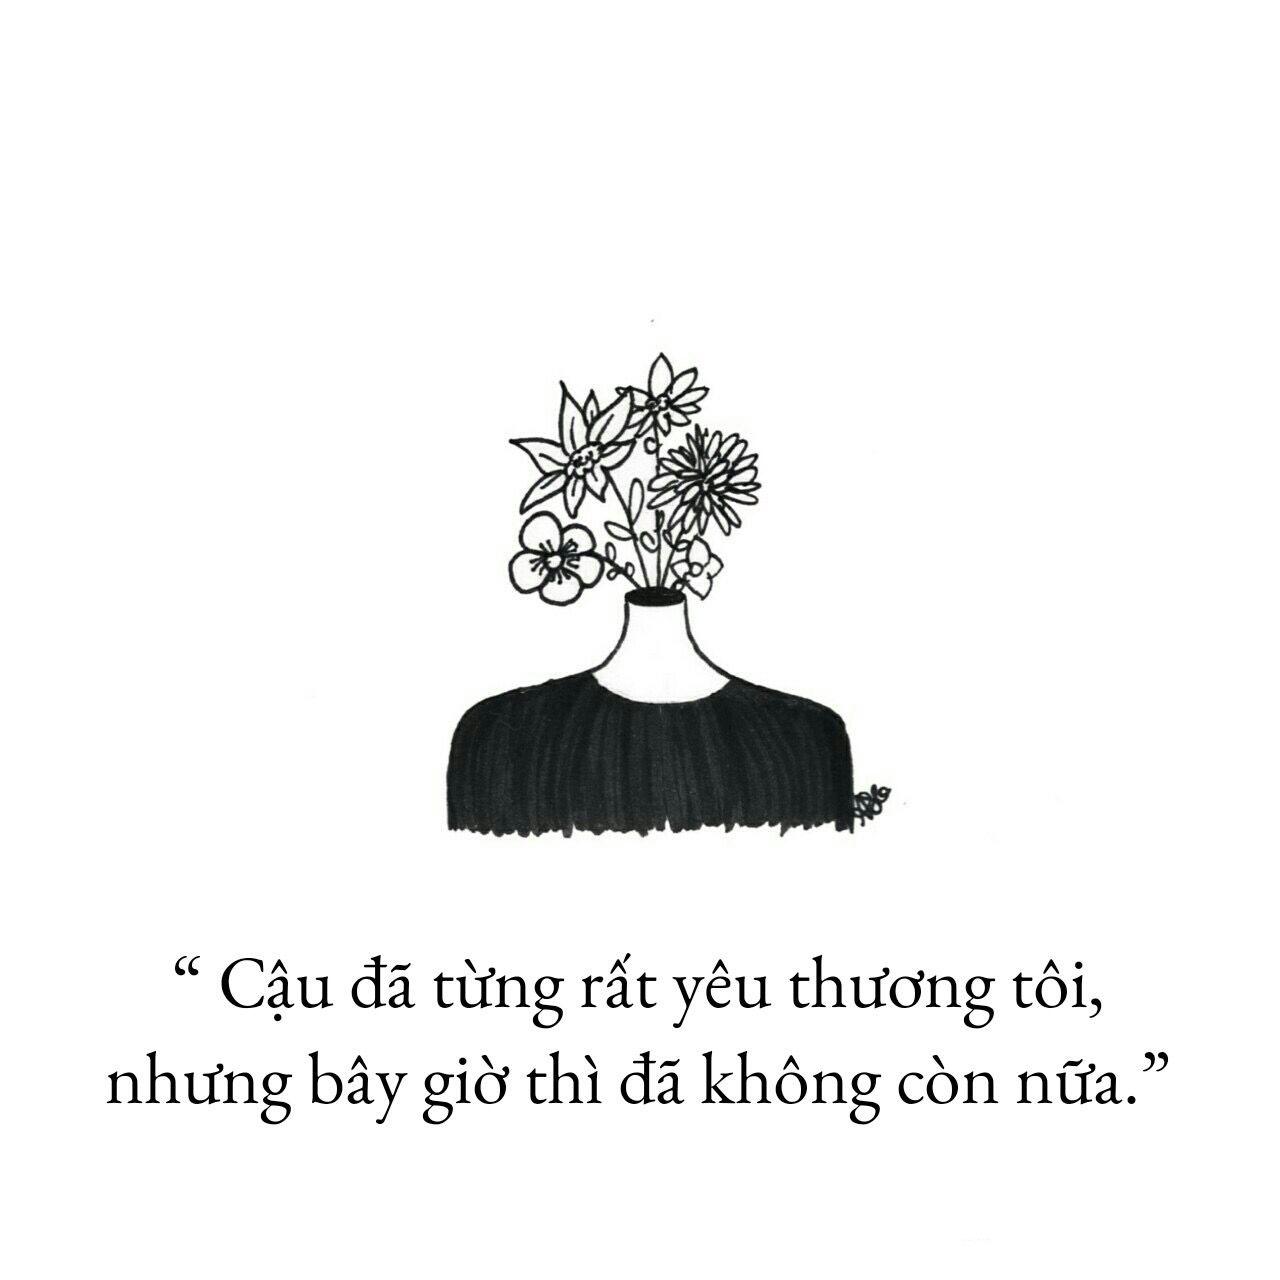 Ảnh quotes buồn đẹp về tình yêu